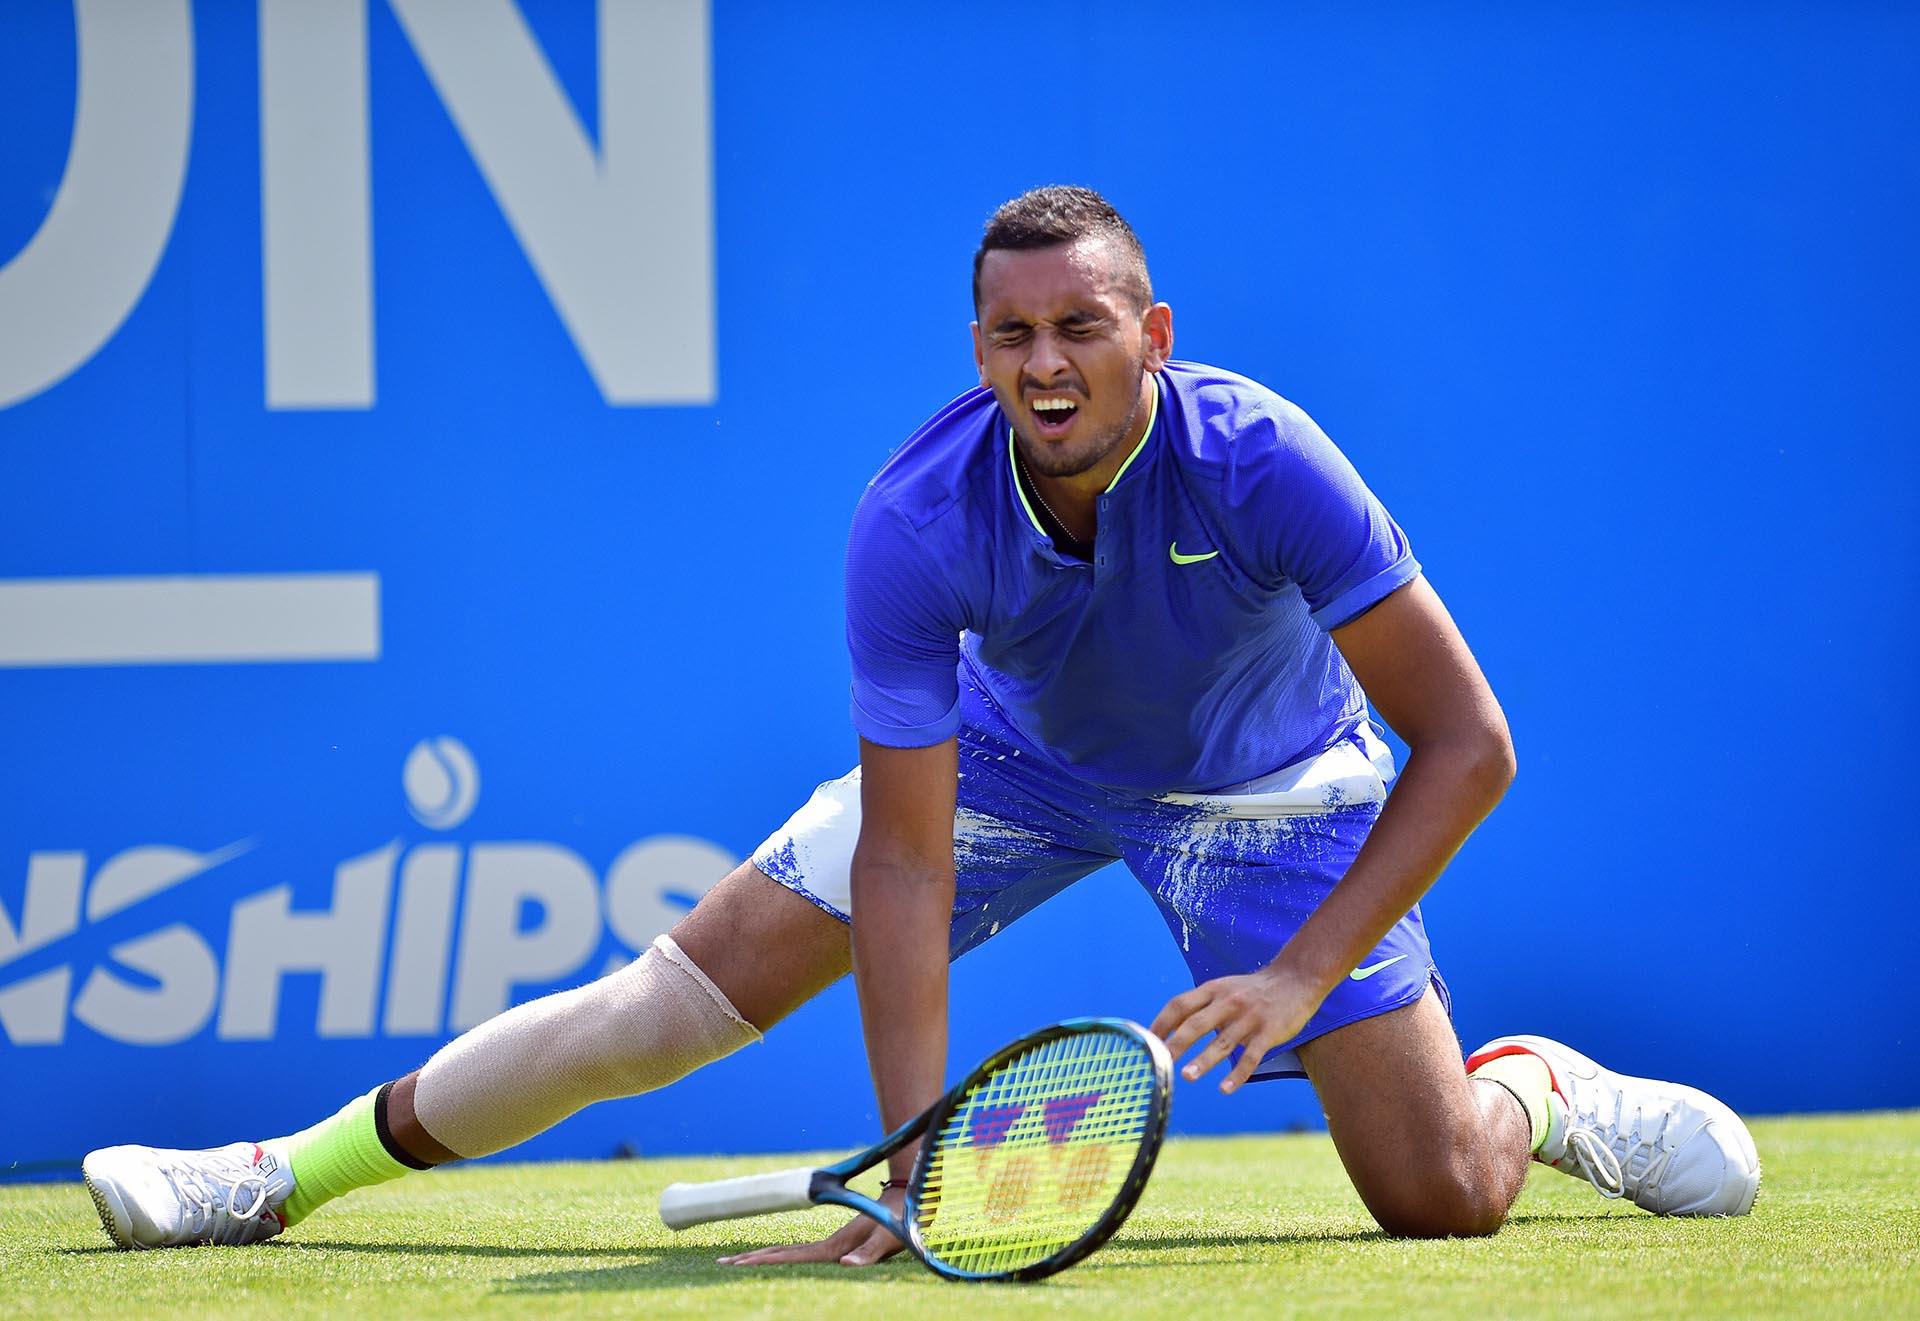 El tenista australiano Nick Kyrgios sufre una lesióndurante el Torneo Queen's, en Londres, Inglaterra